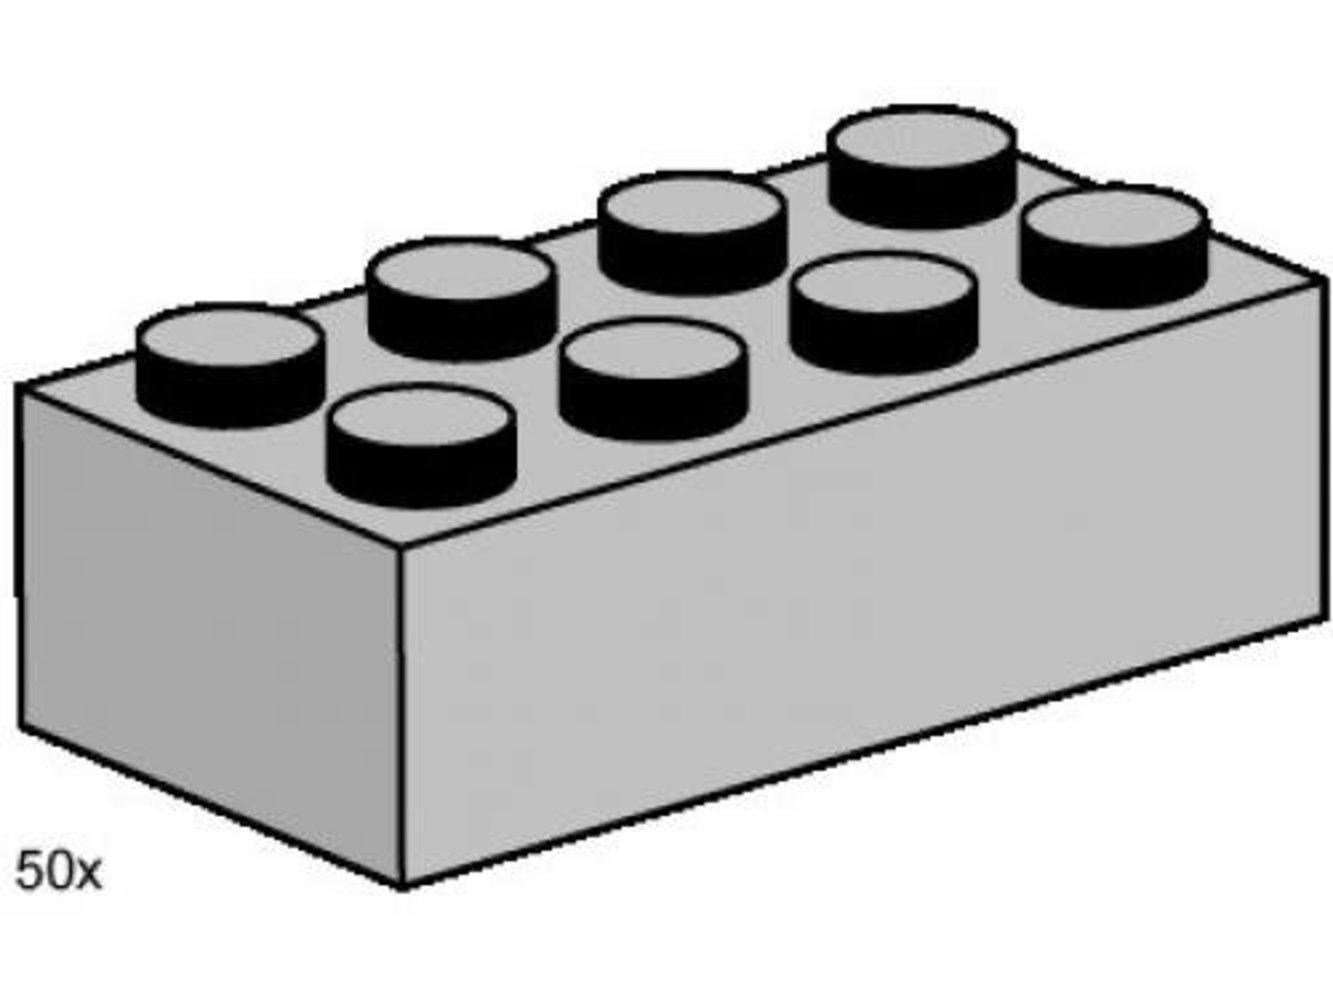 2 x 4 Light Gray Bricks